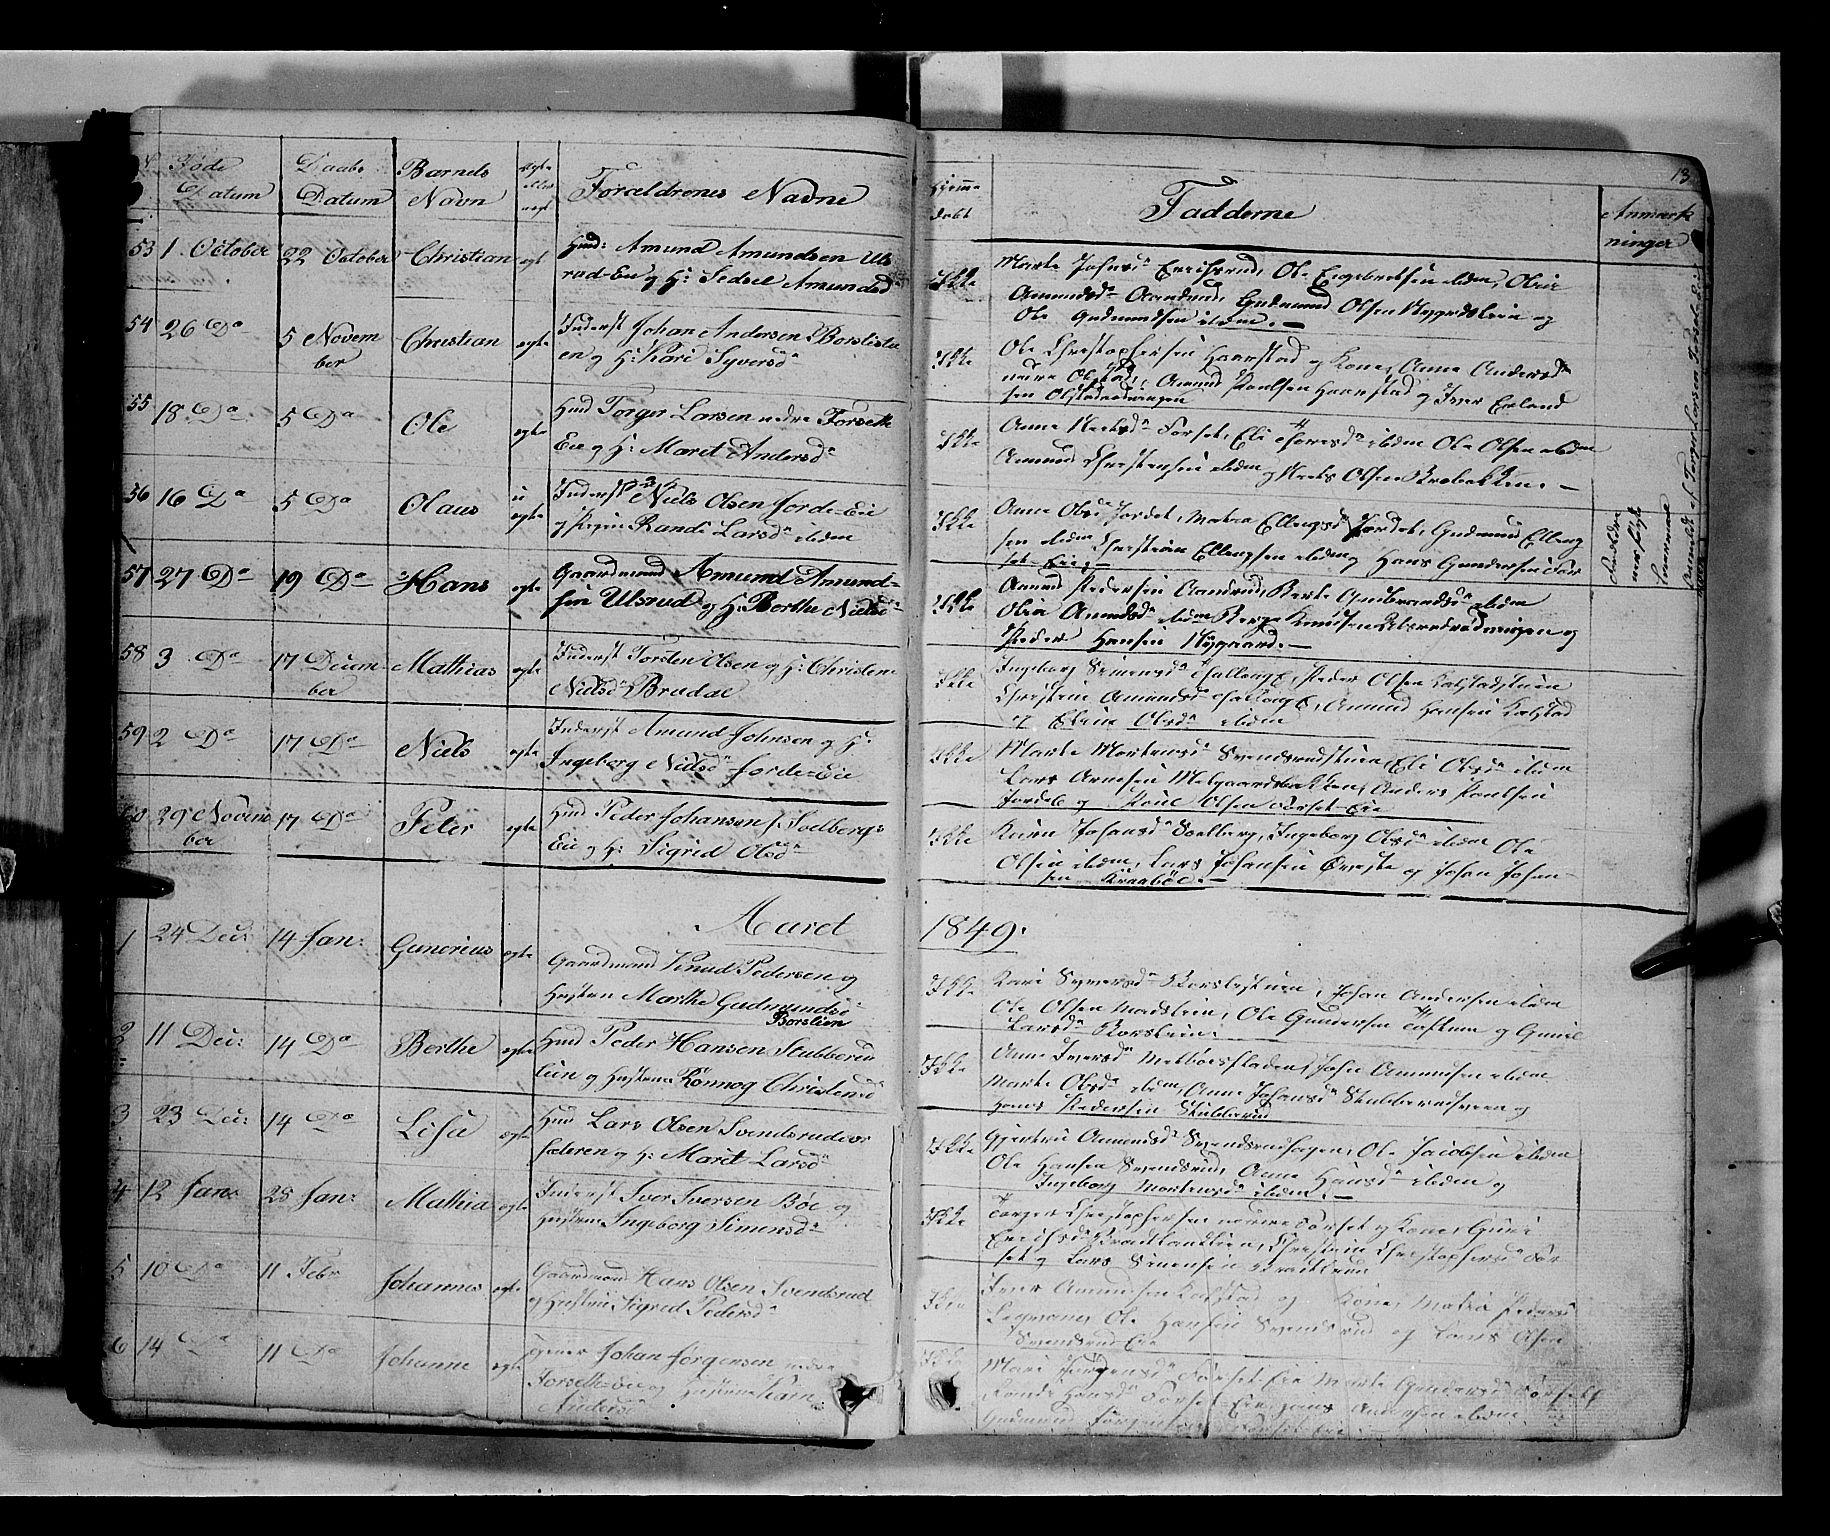 SAH, Gausdal prestekontor, Klokkerbok nr. 5, 1846-1867, s. 13